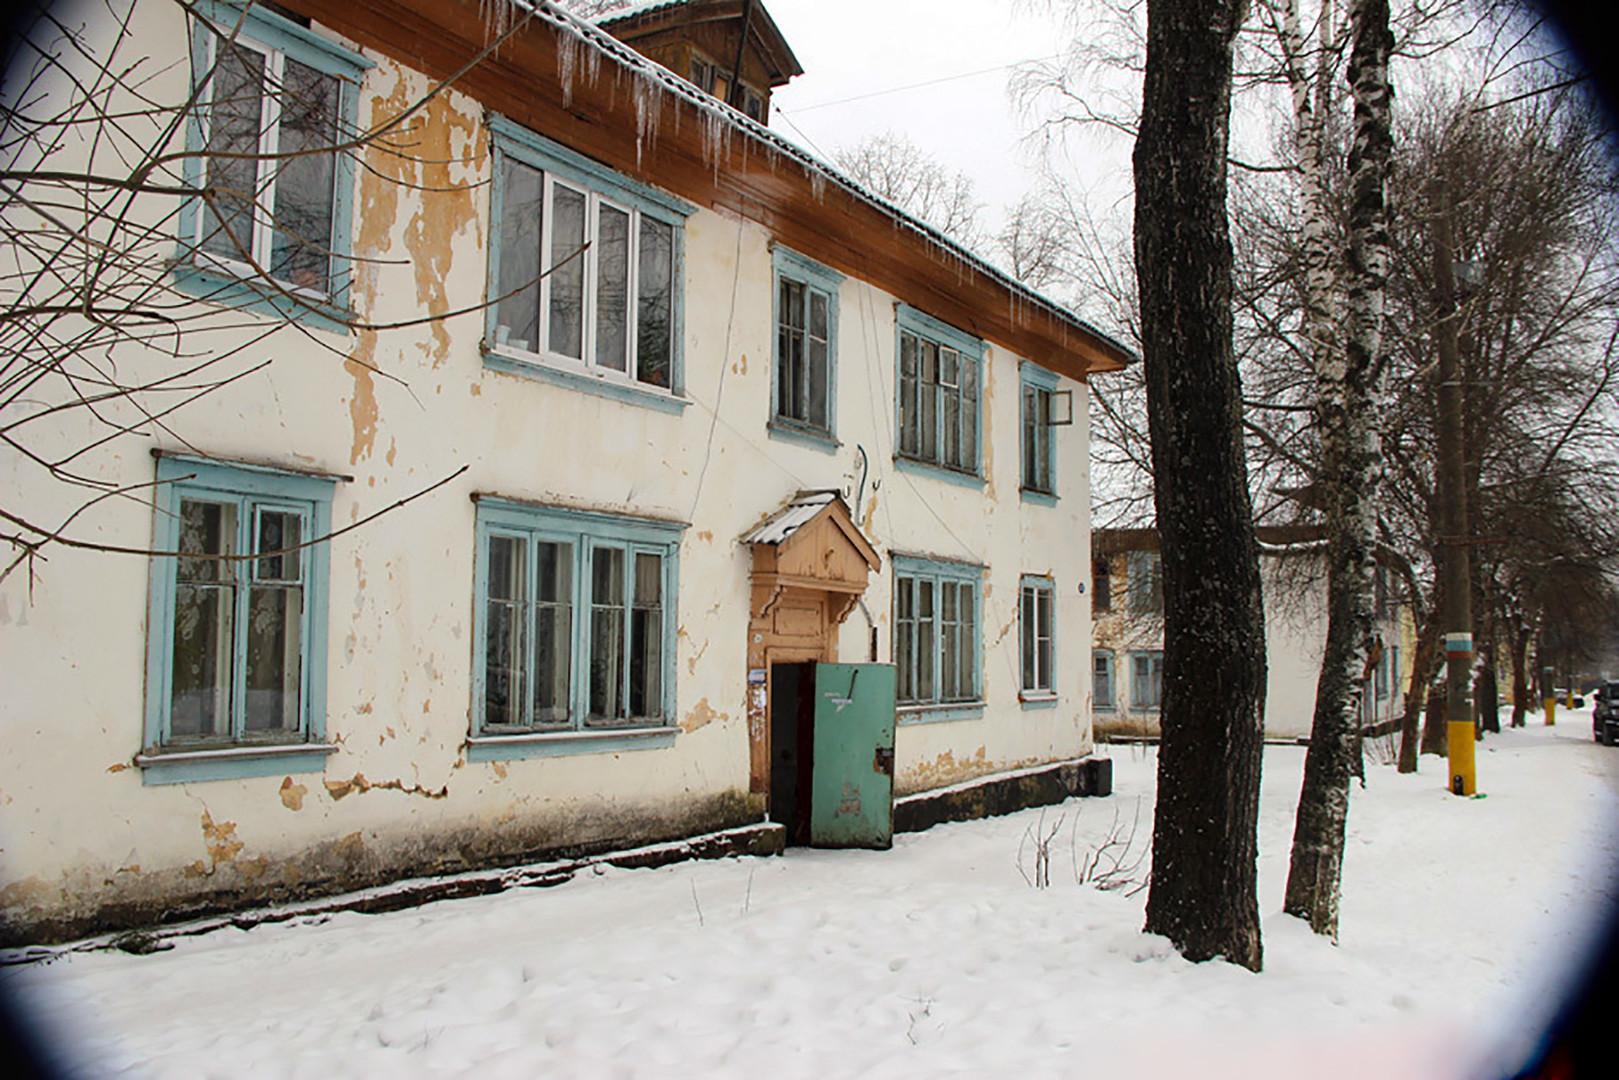 El centro virológico soviético Zagorsk-6, región de Moscú